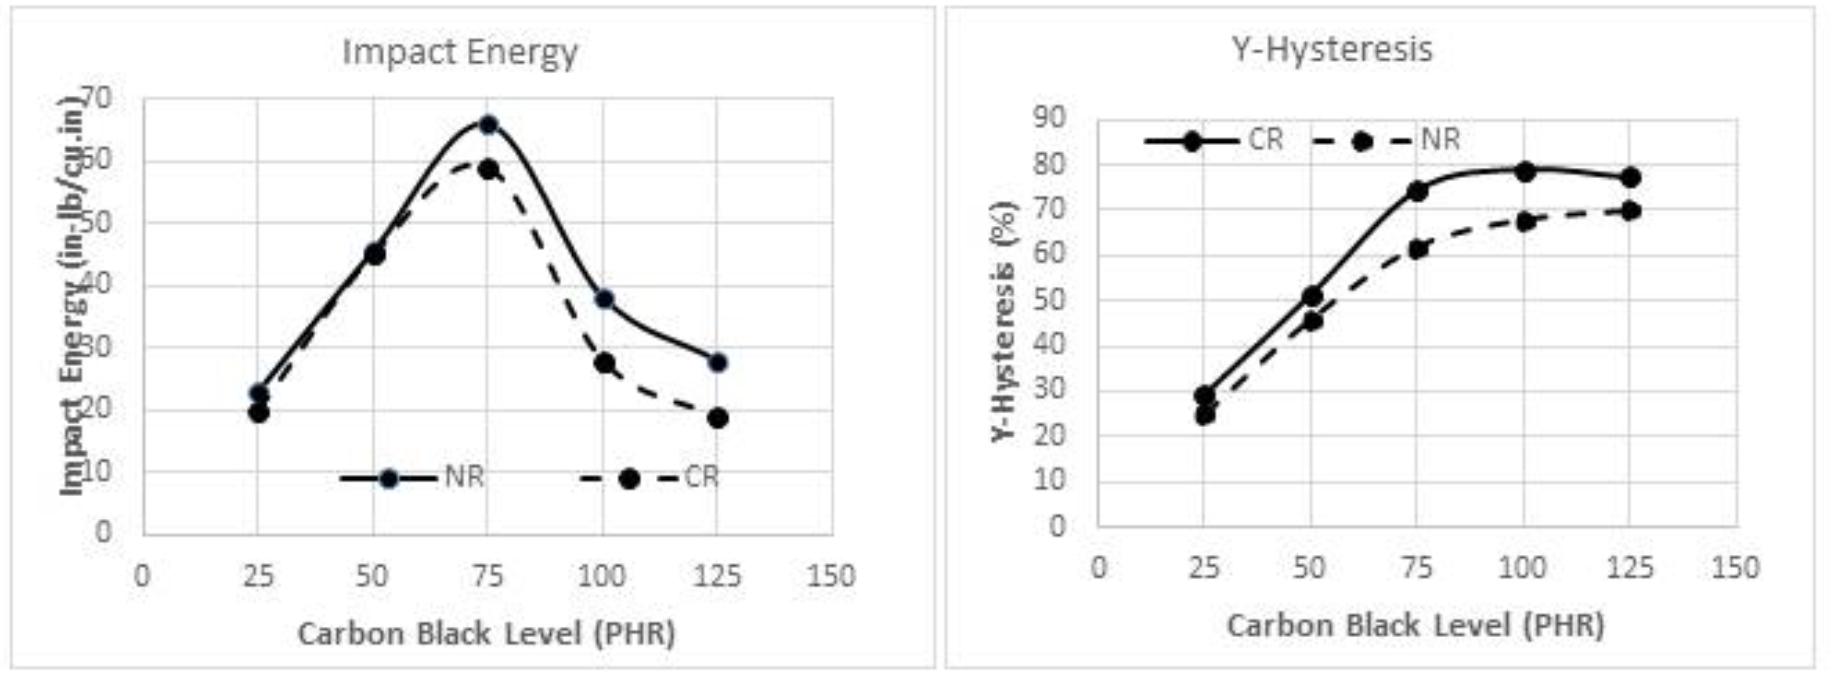 Darbe enerjisi ve Histeresis eğrilerinin karbon siyahı ile değişimi